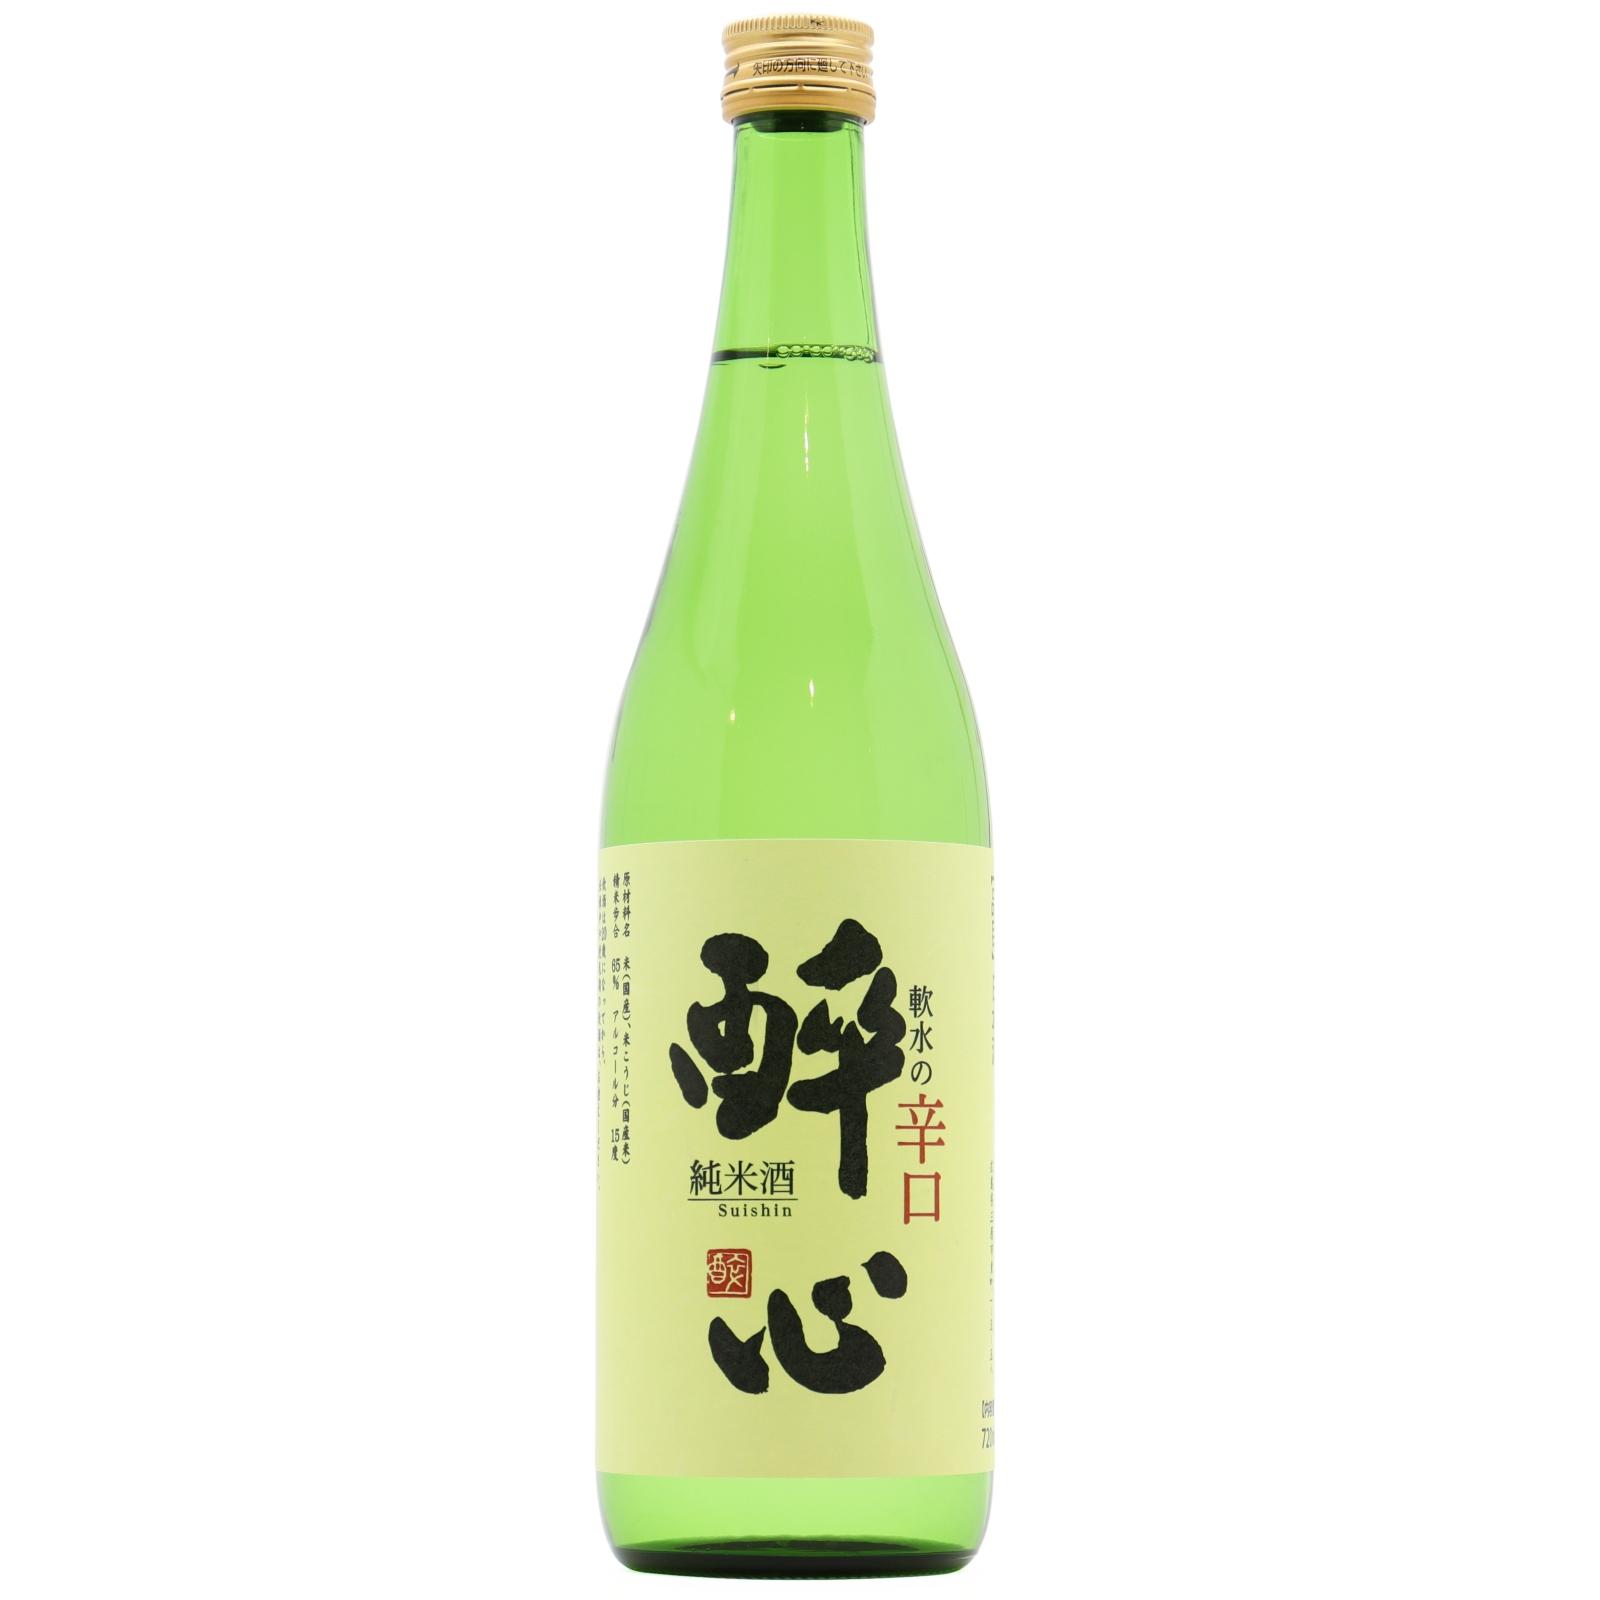 醉心 軟水の辛口 純米酒